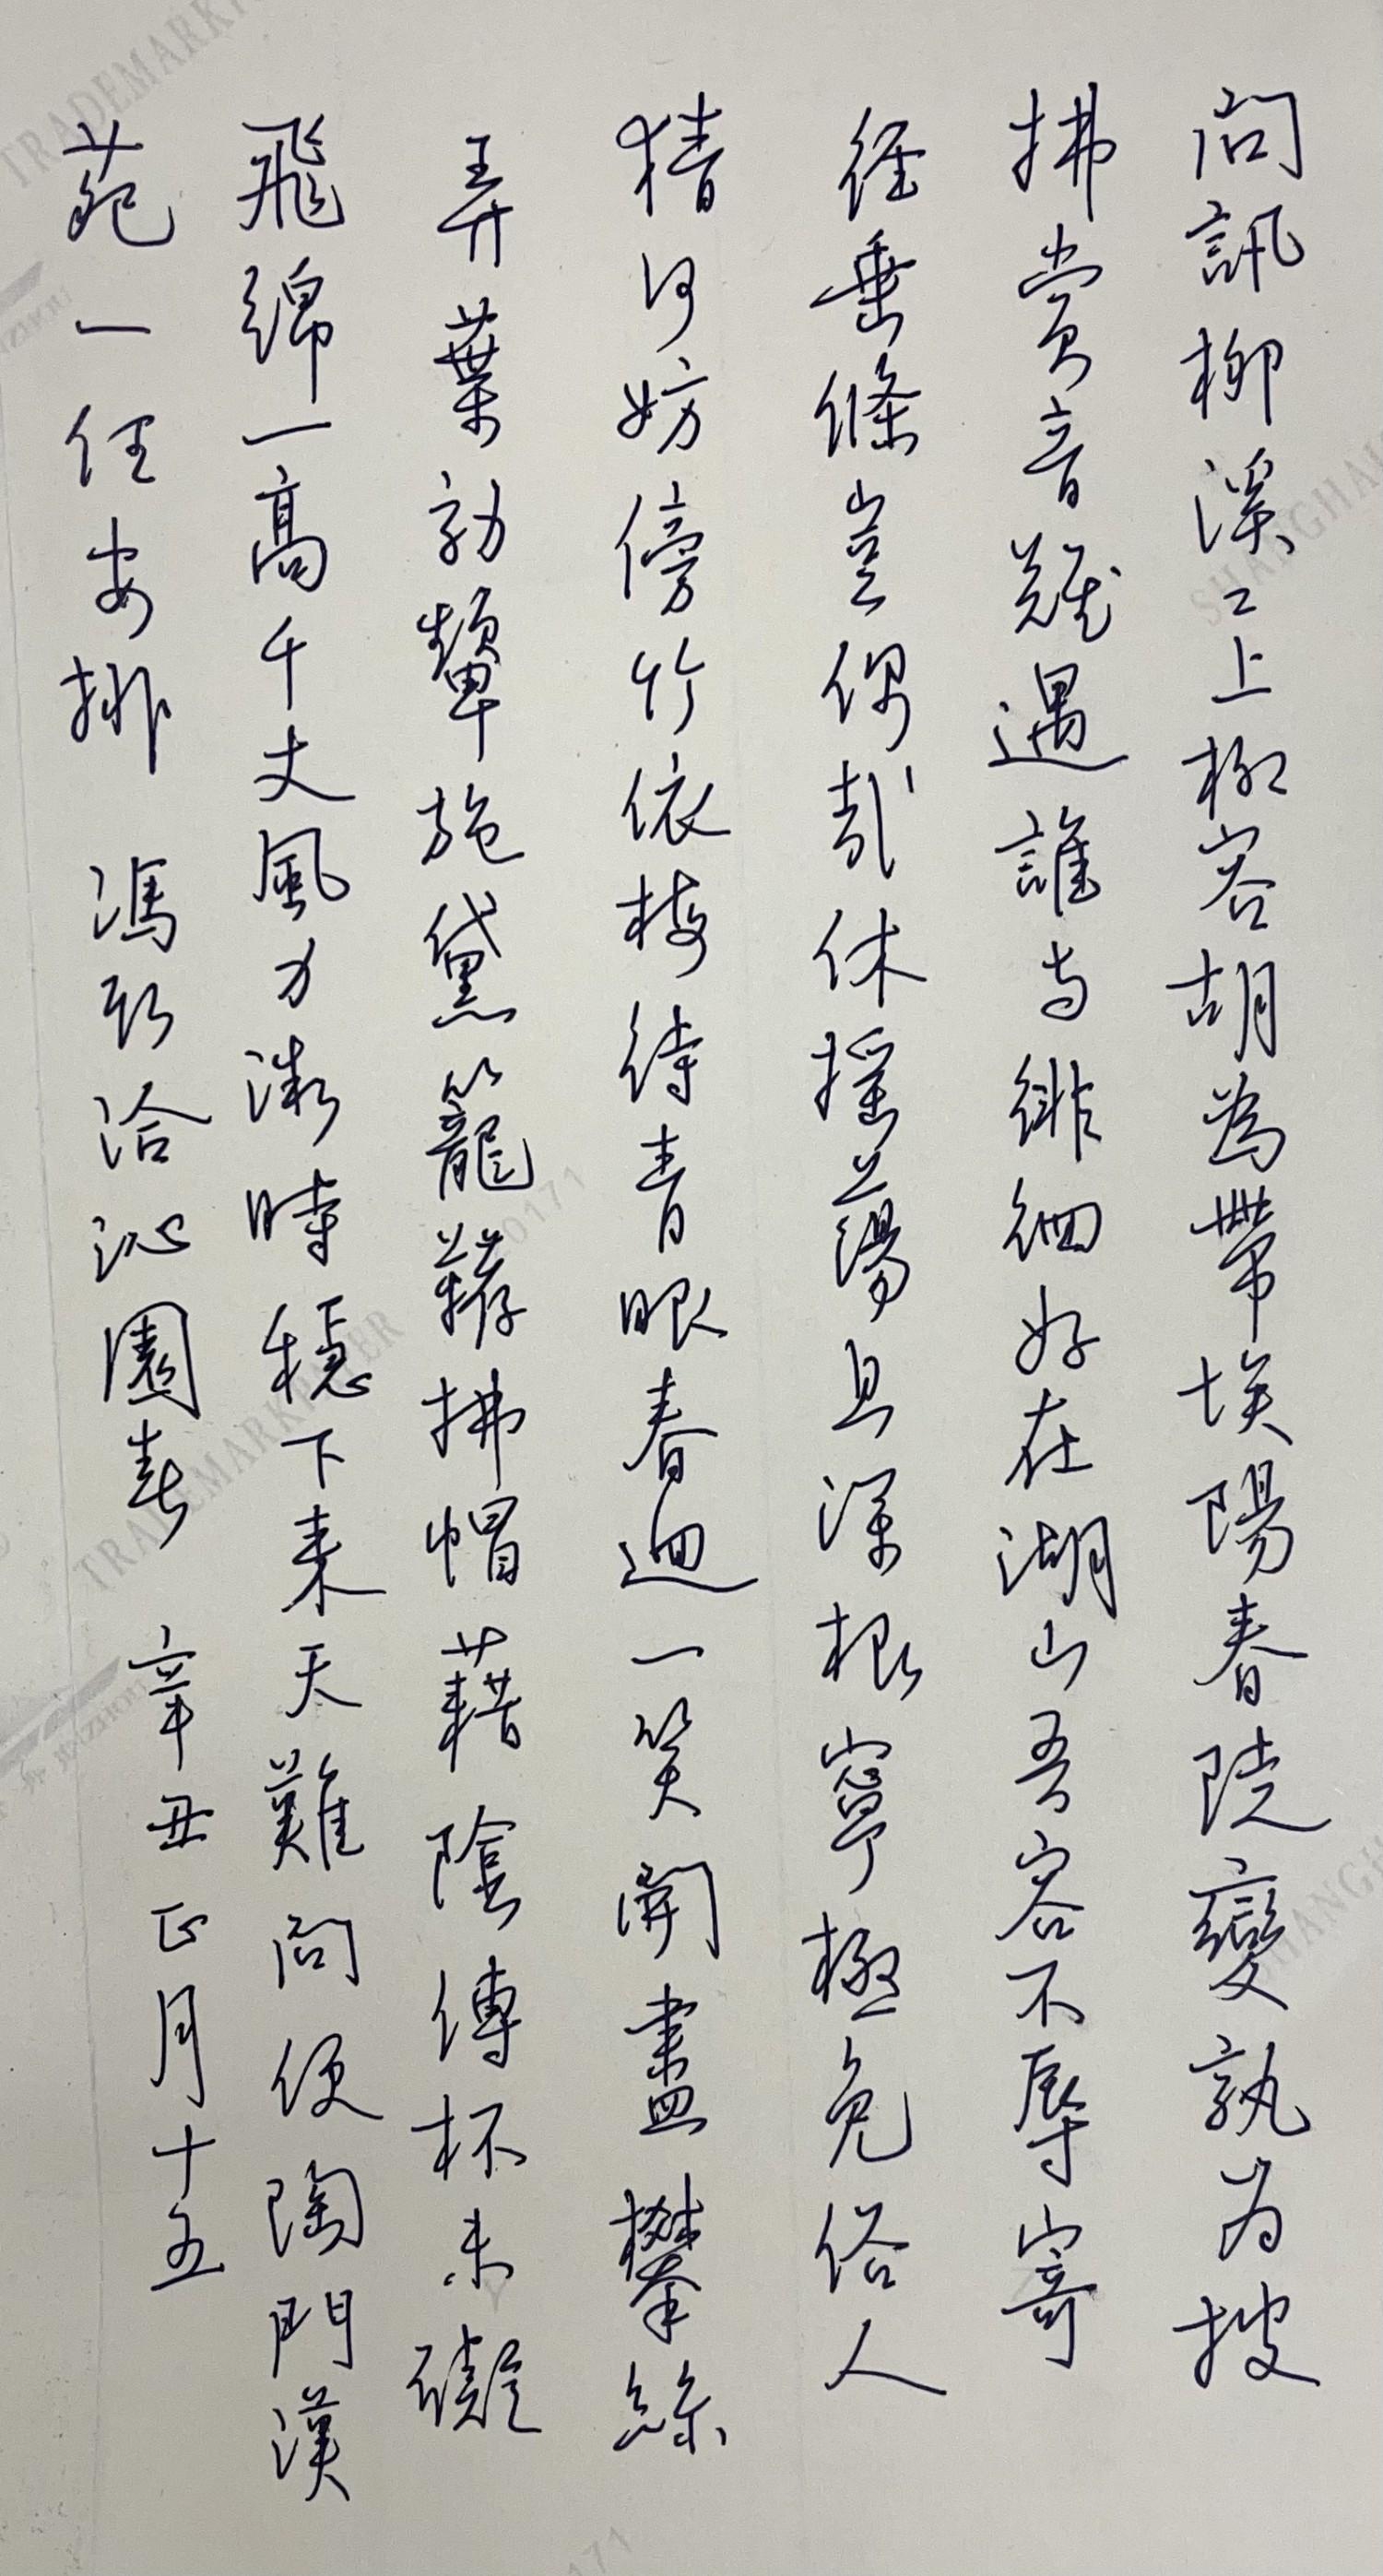 钢笔爱好者练字打卡20210302-07